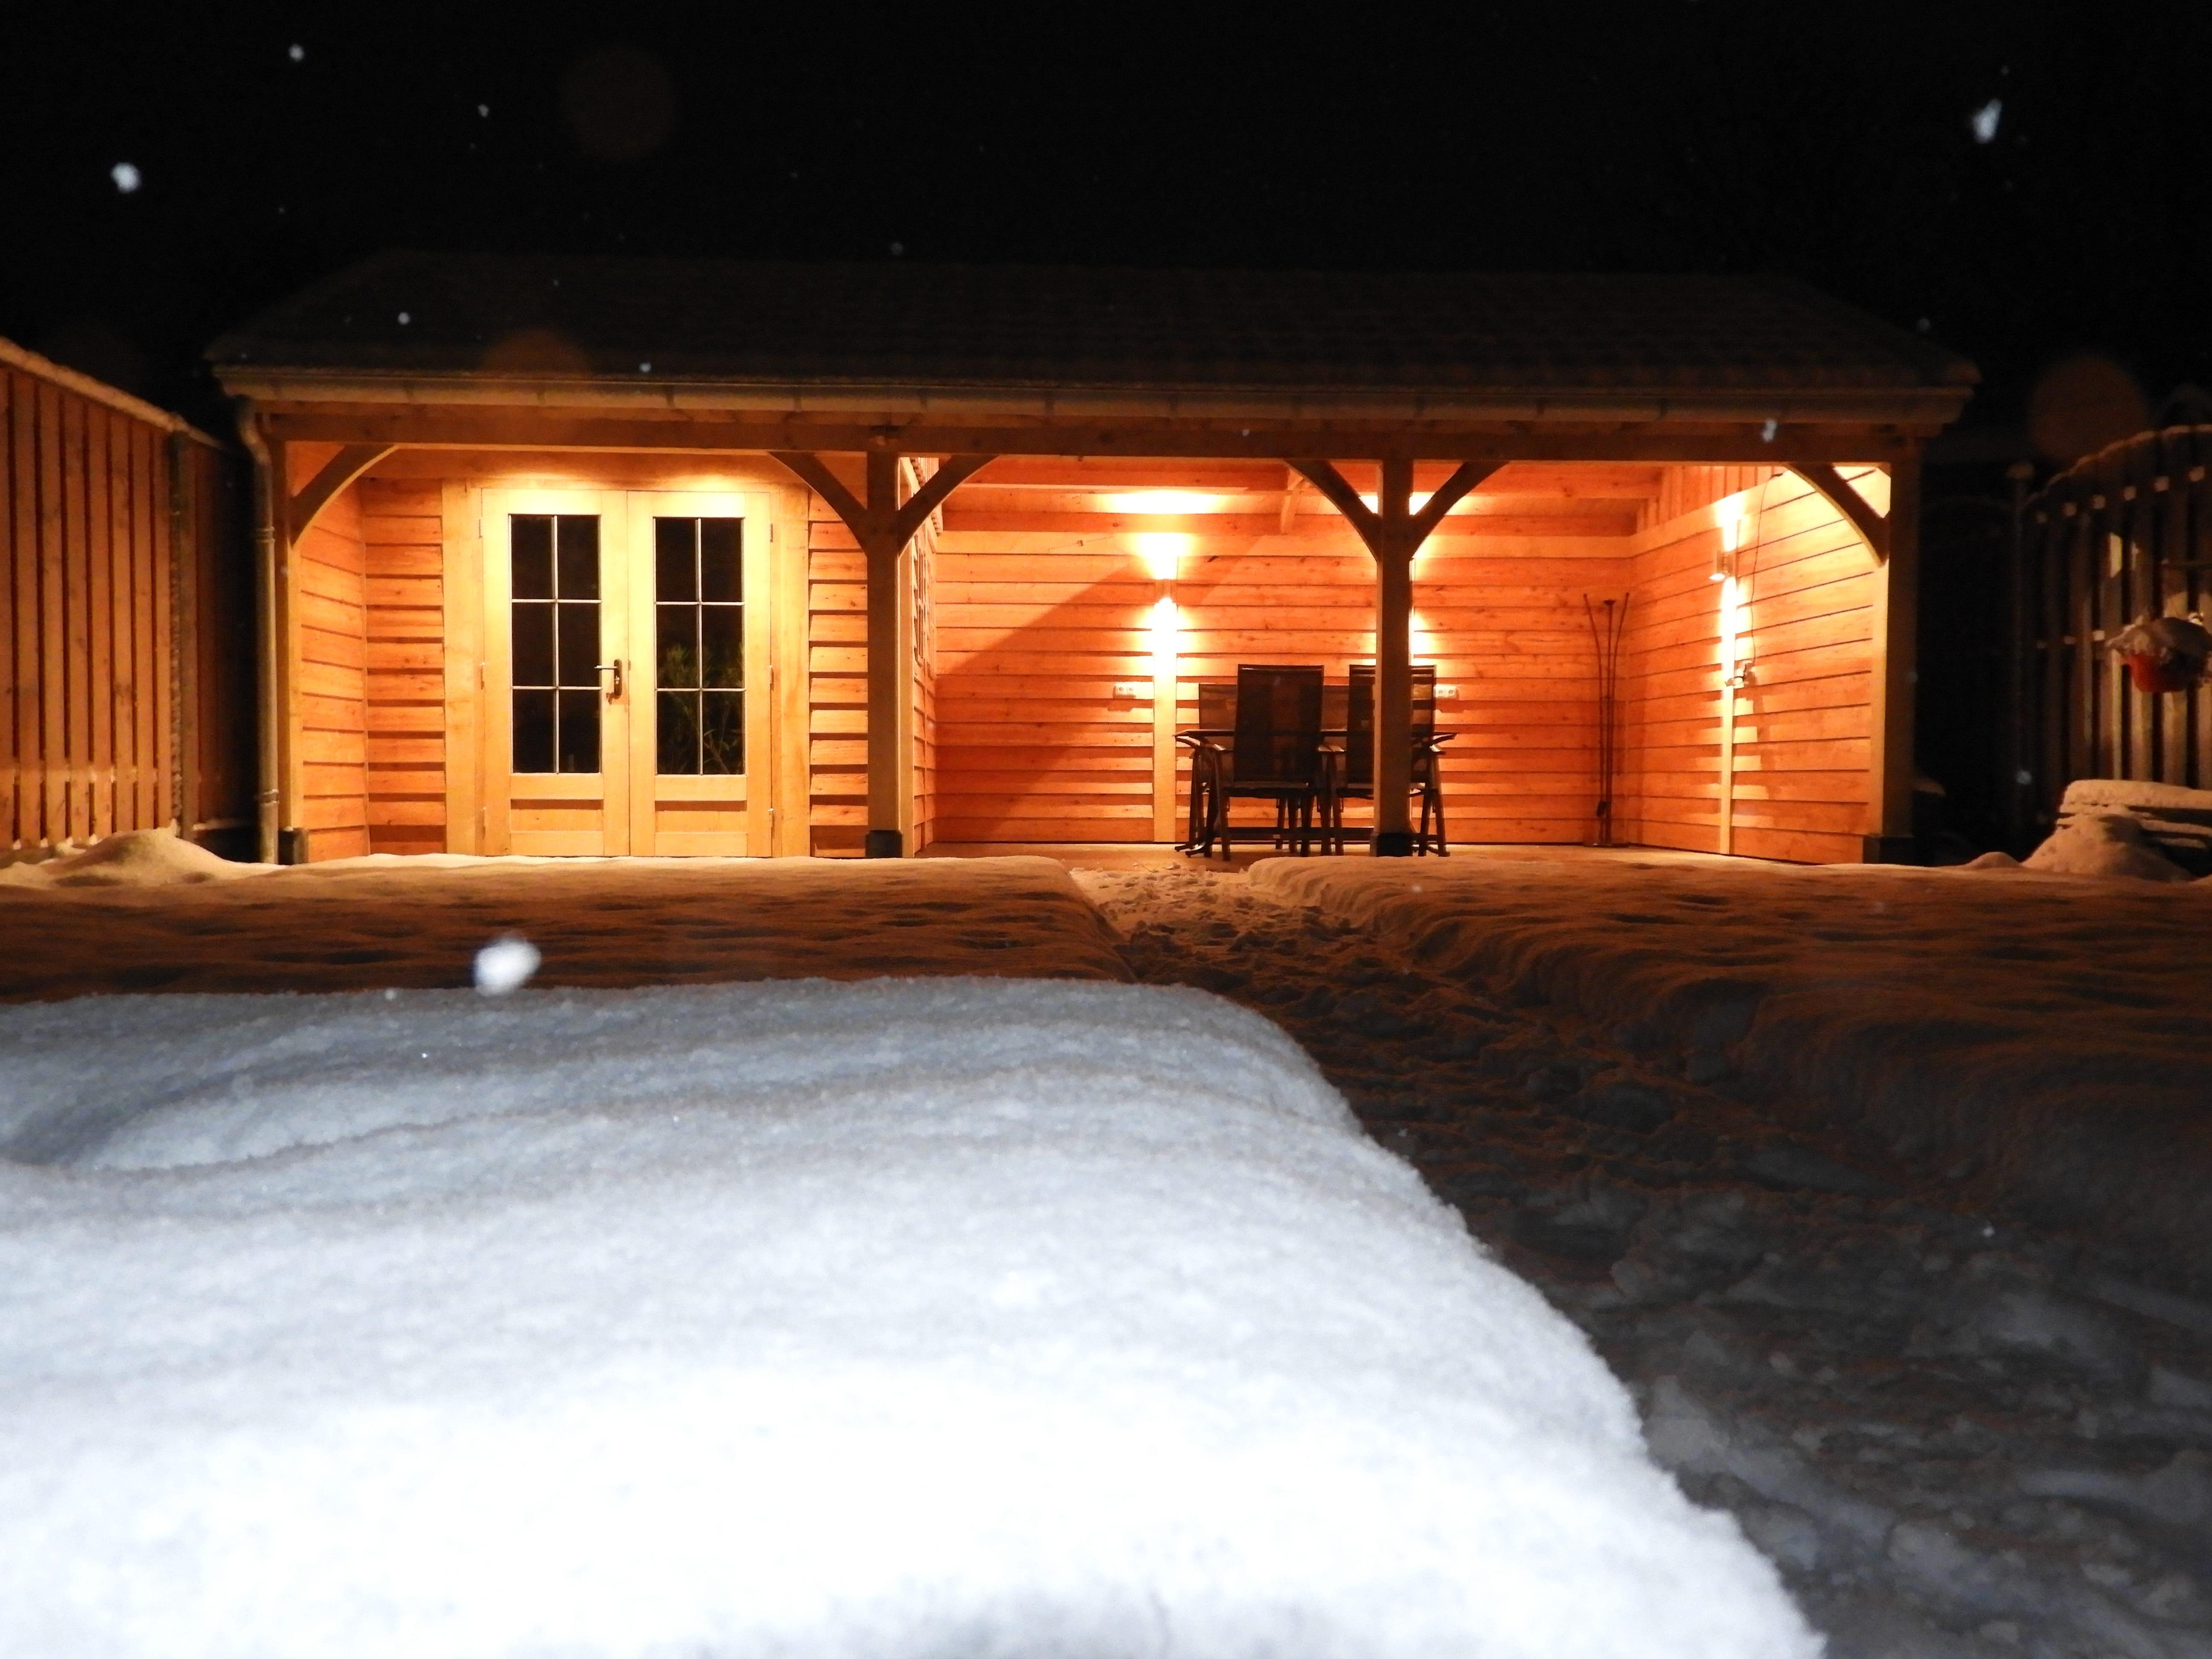 houten-tuinhuis-met-veranda-13-min - Project: Tuinhuis in winterse sfeer